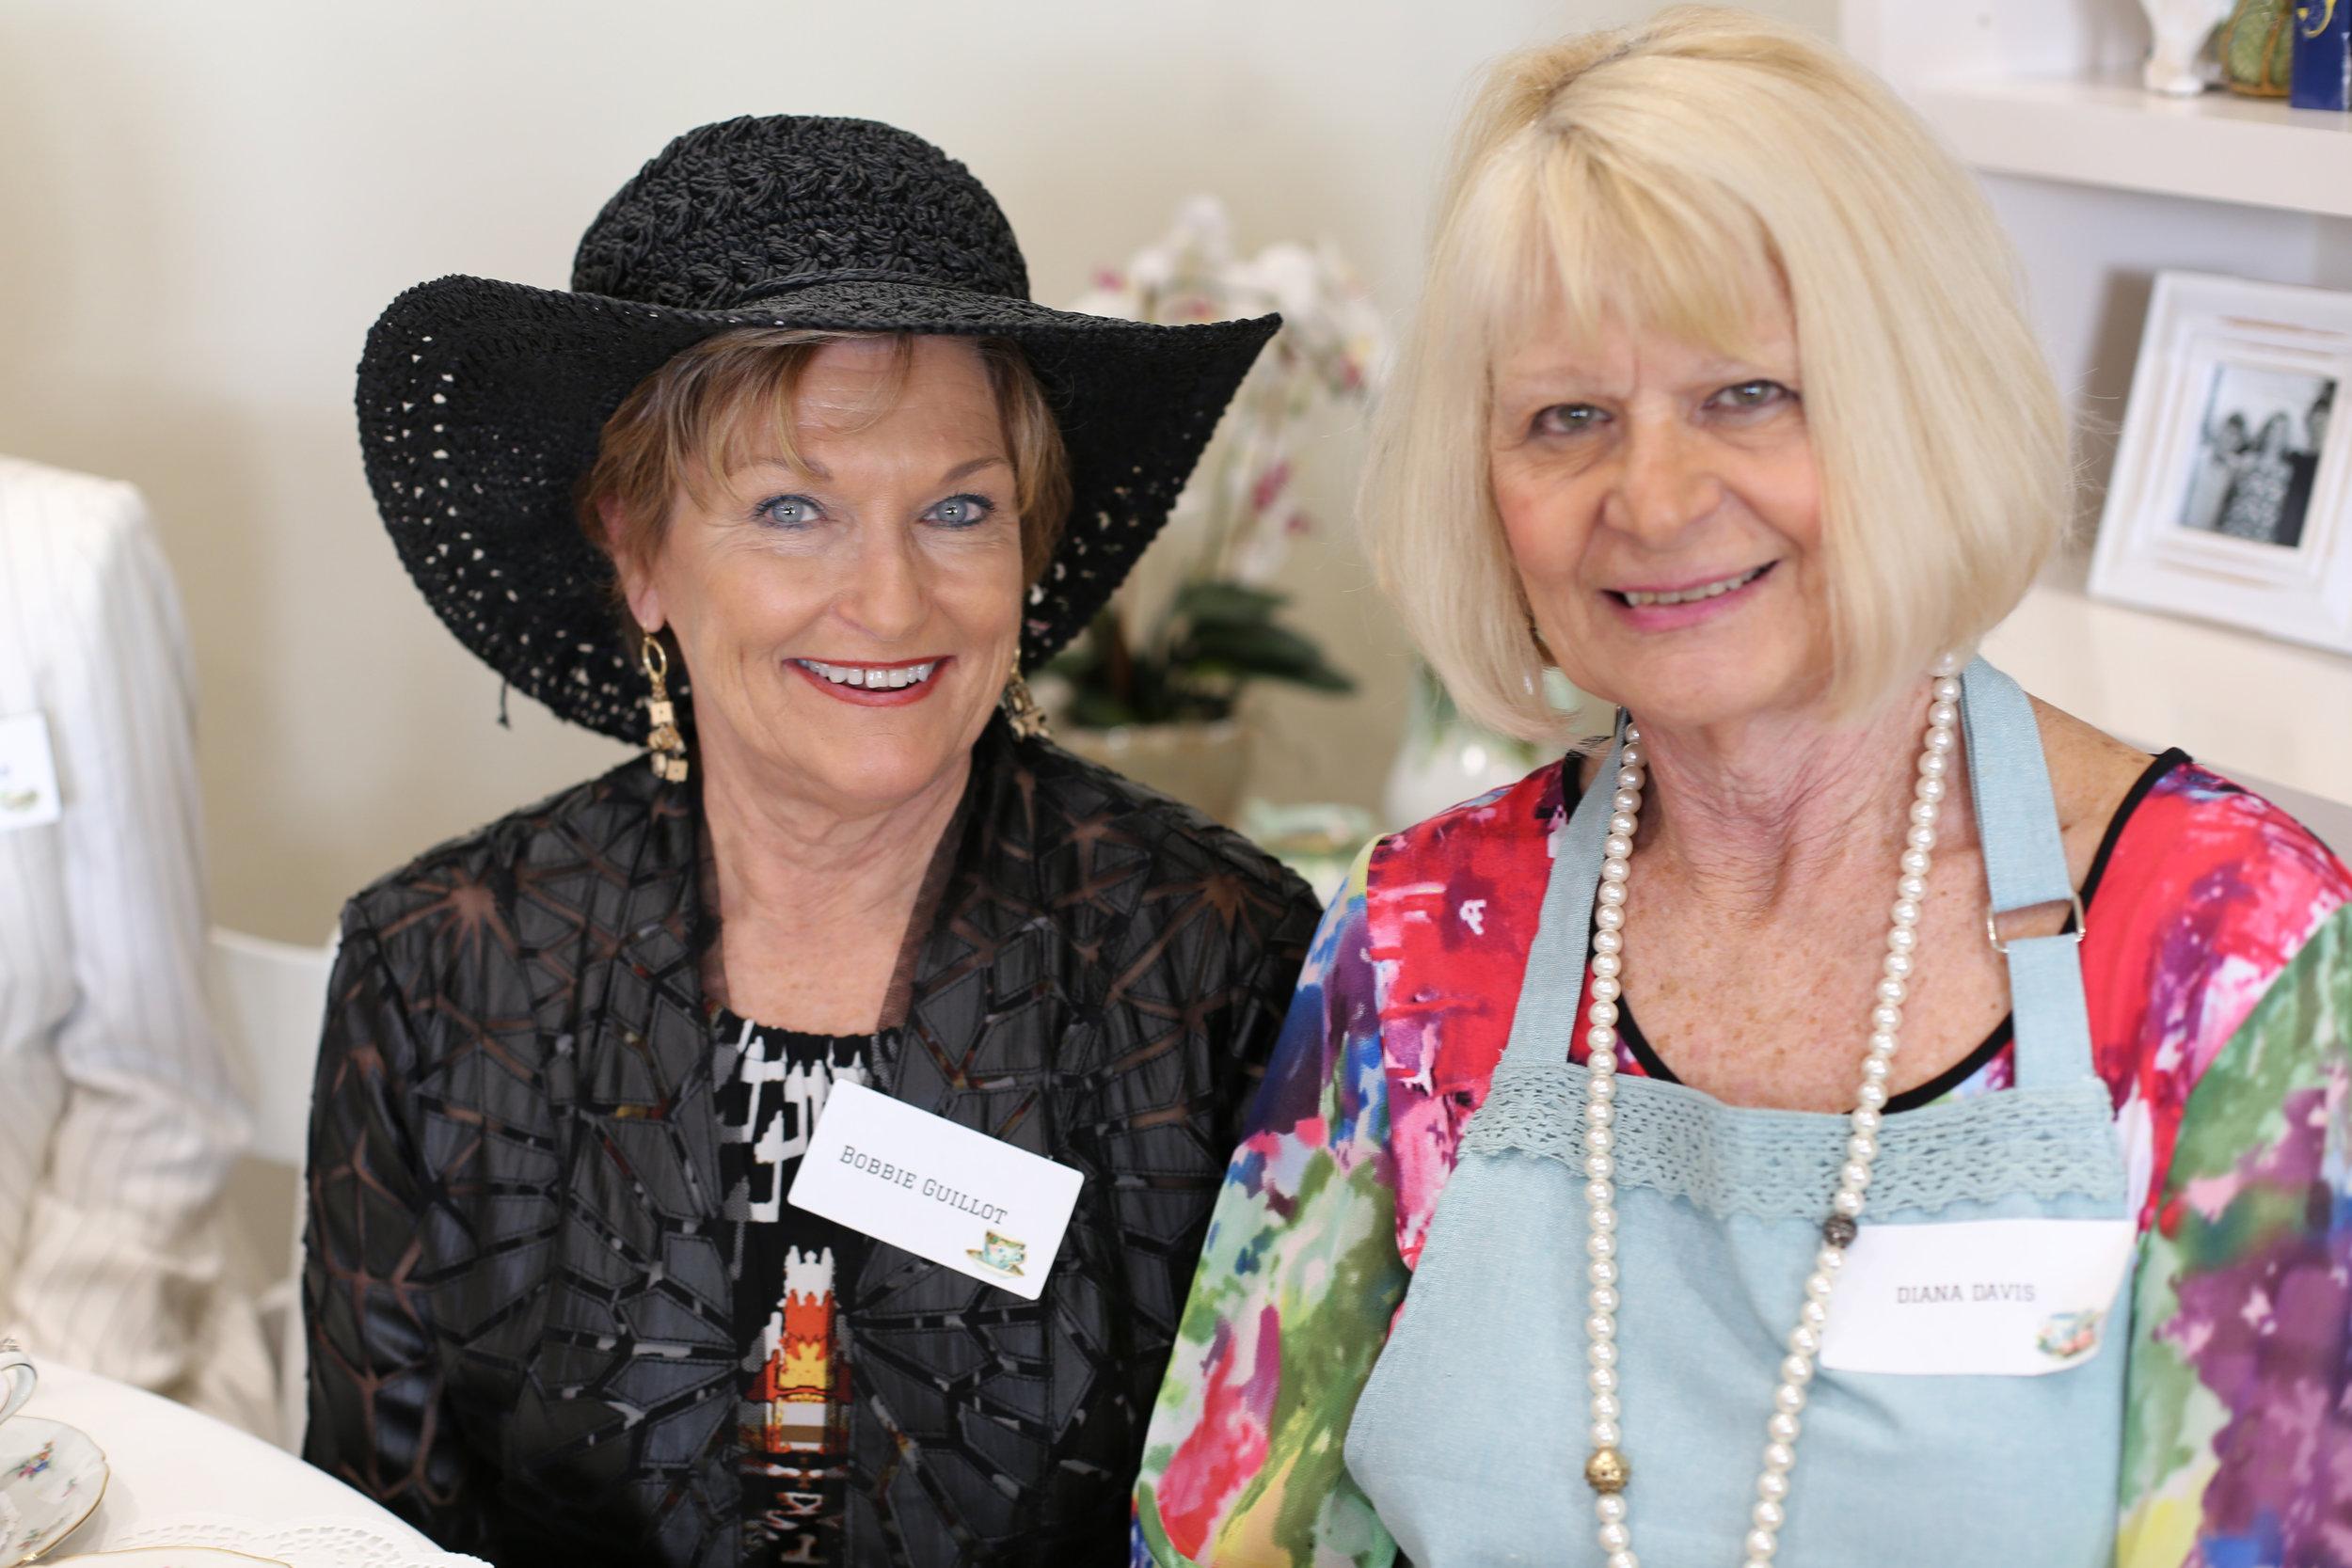 Bobbie Guillot and Diana Davis